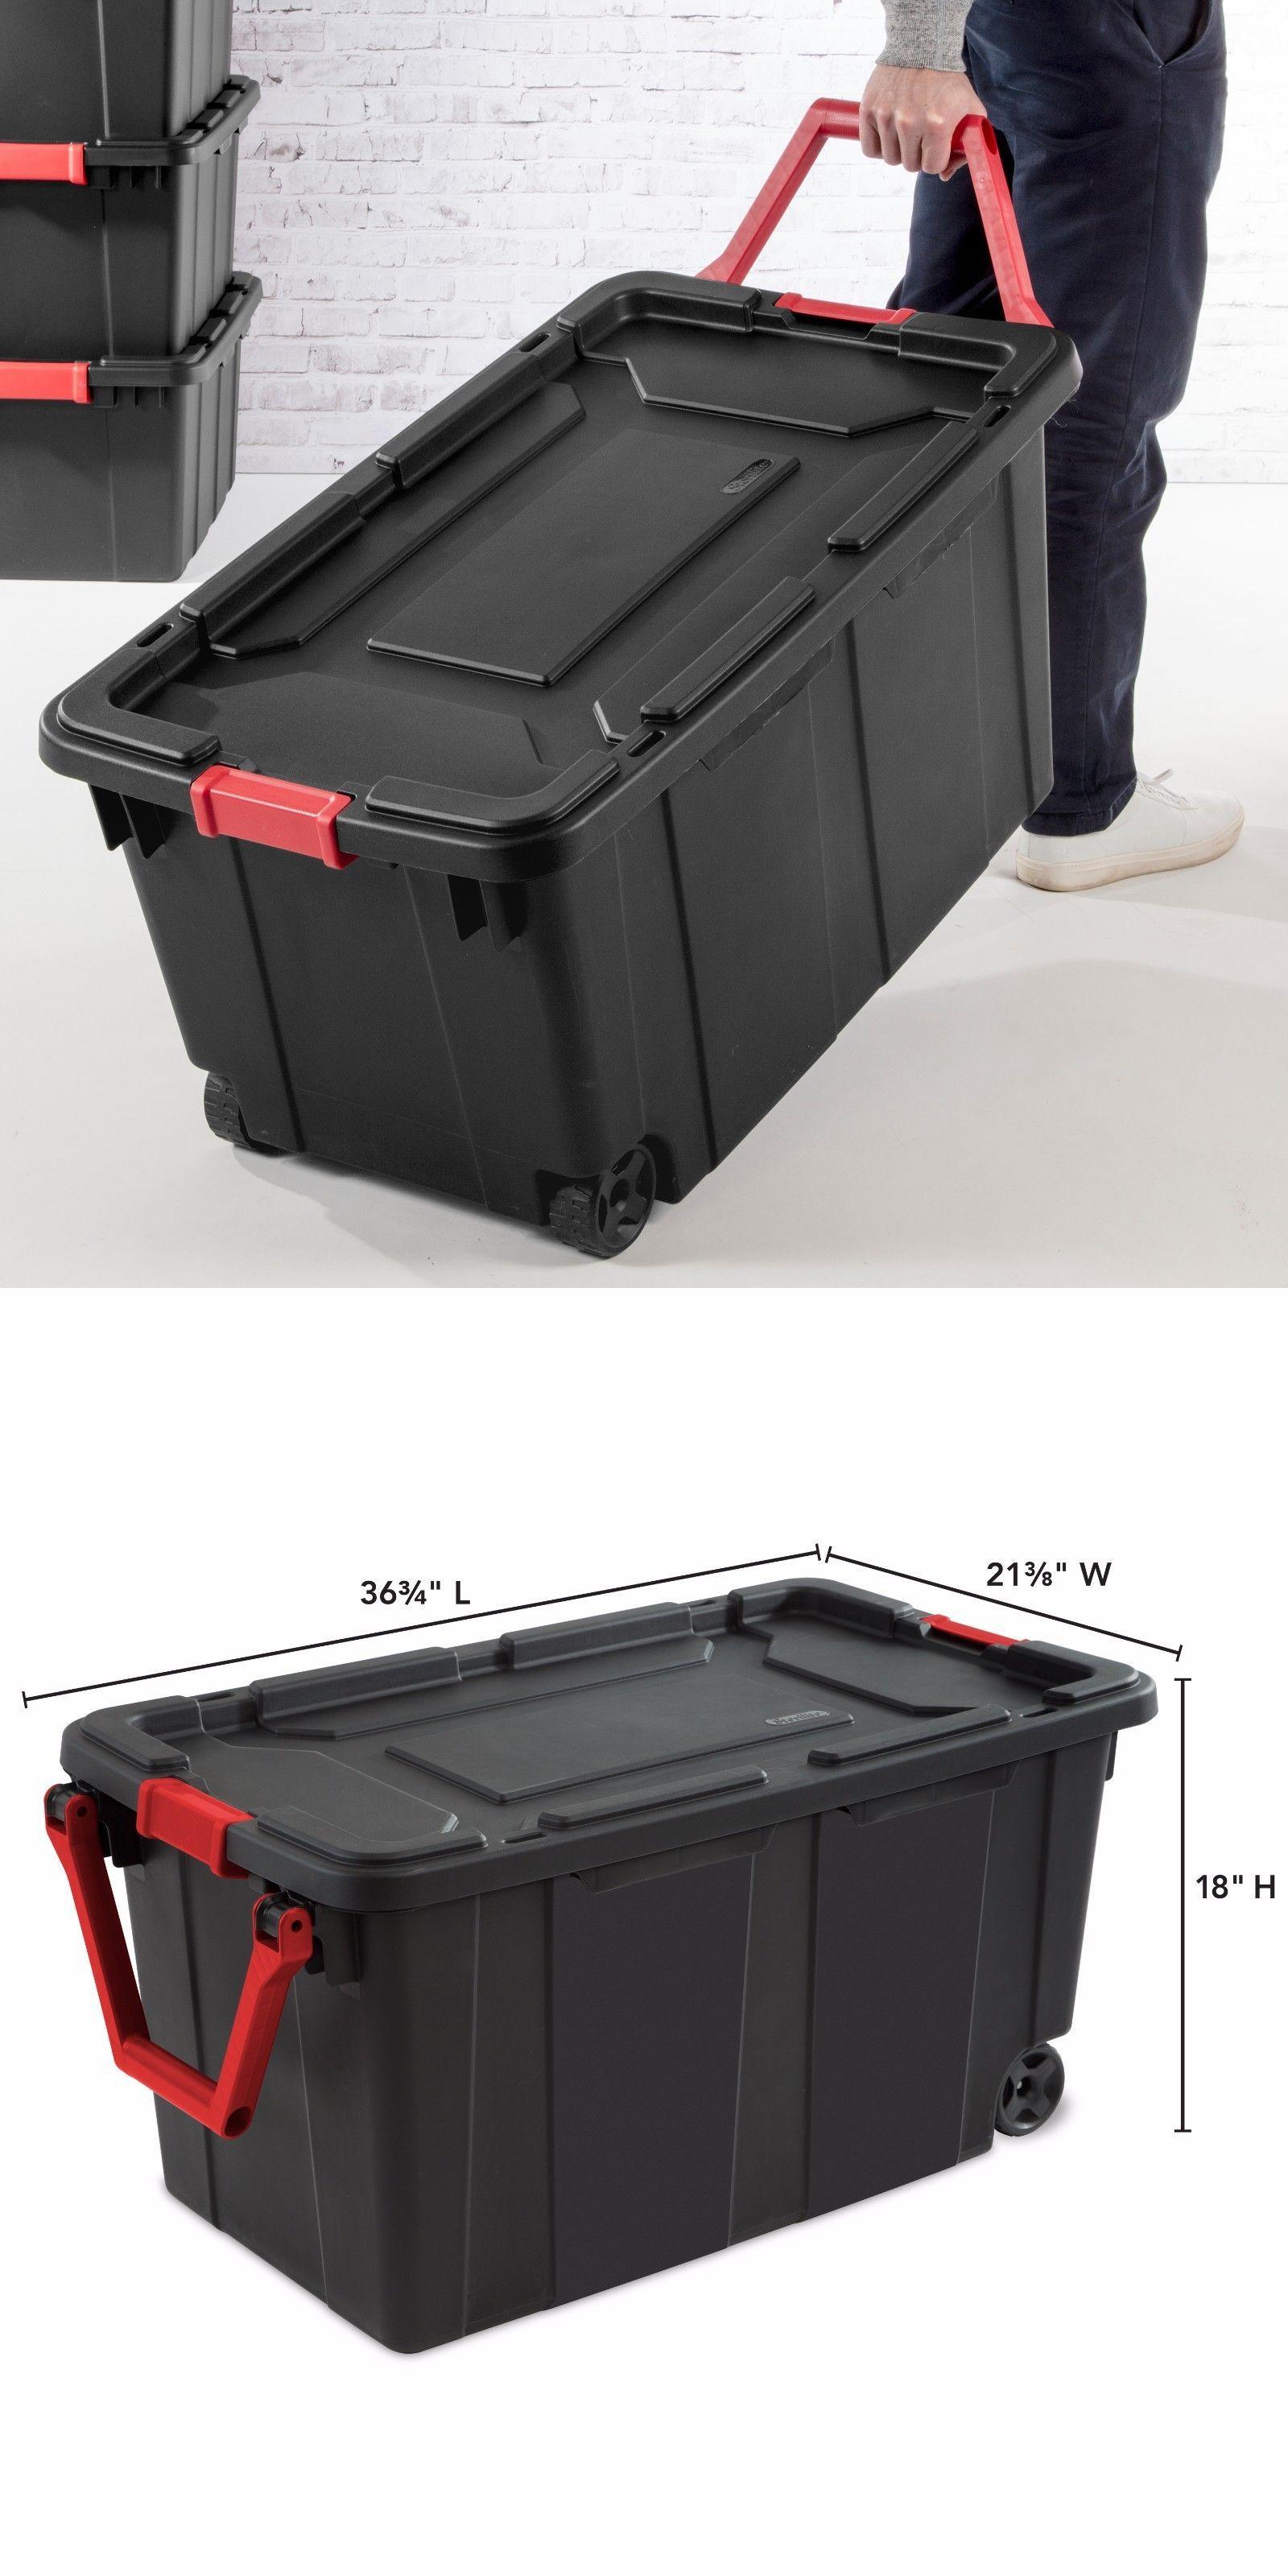 Storage Boxes 159897: 2 Wheeled Storage Container Plastic Tote 40 Gallon Bin  Box W Lid